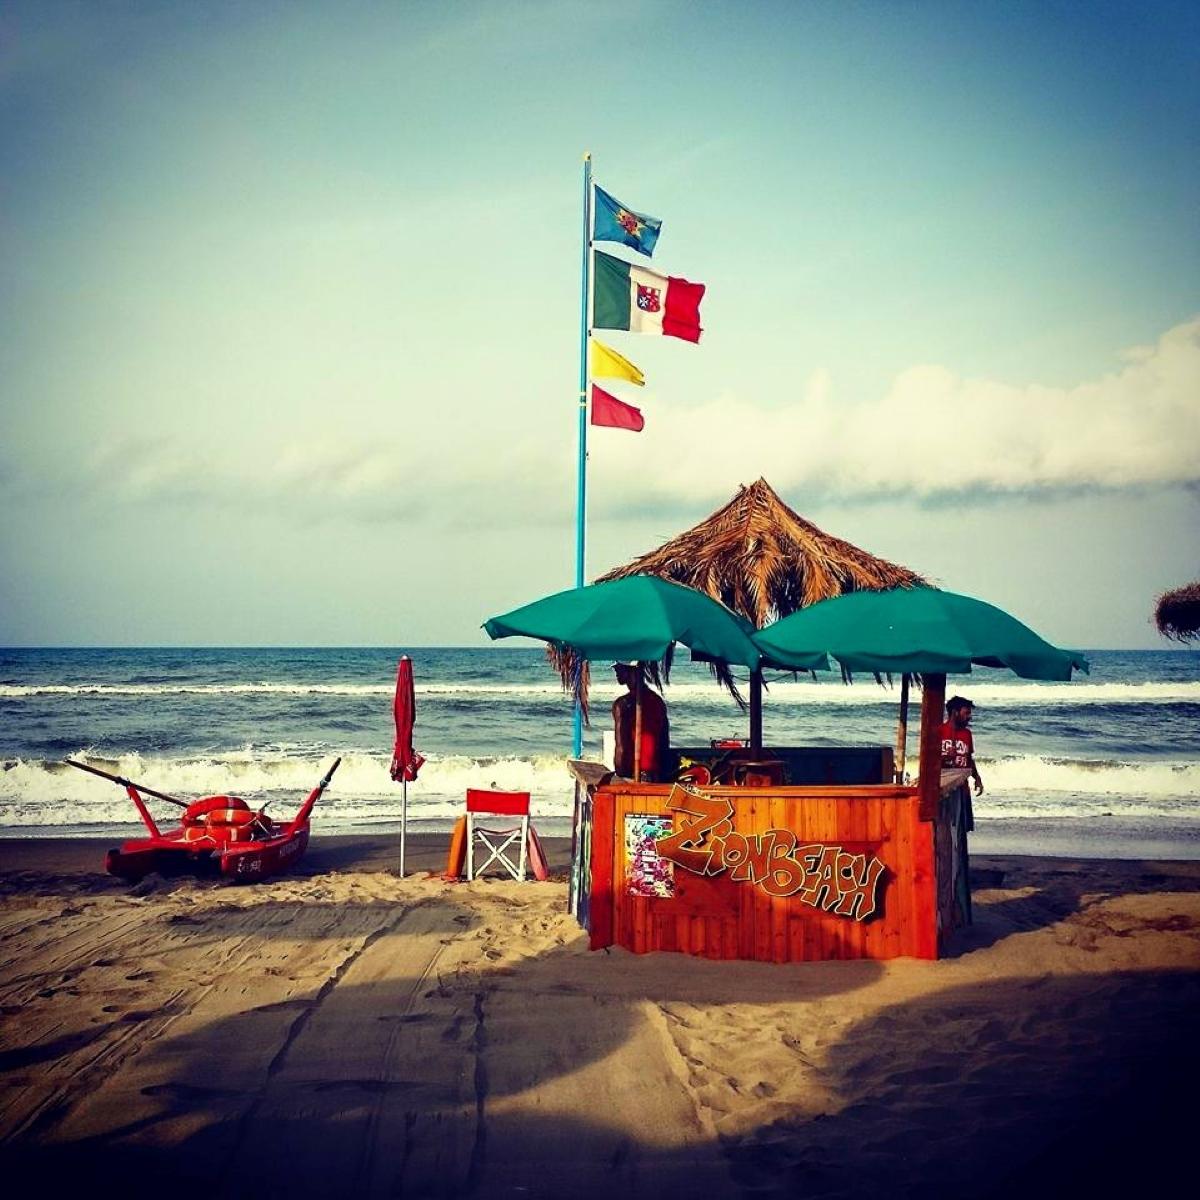 Zion Beach